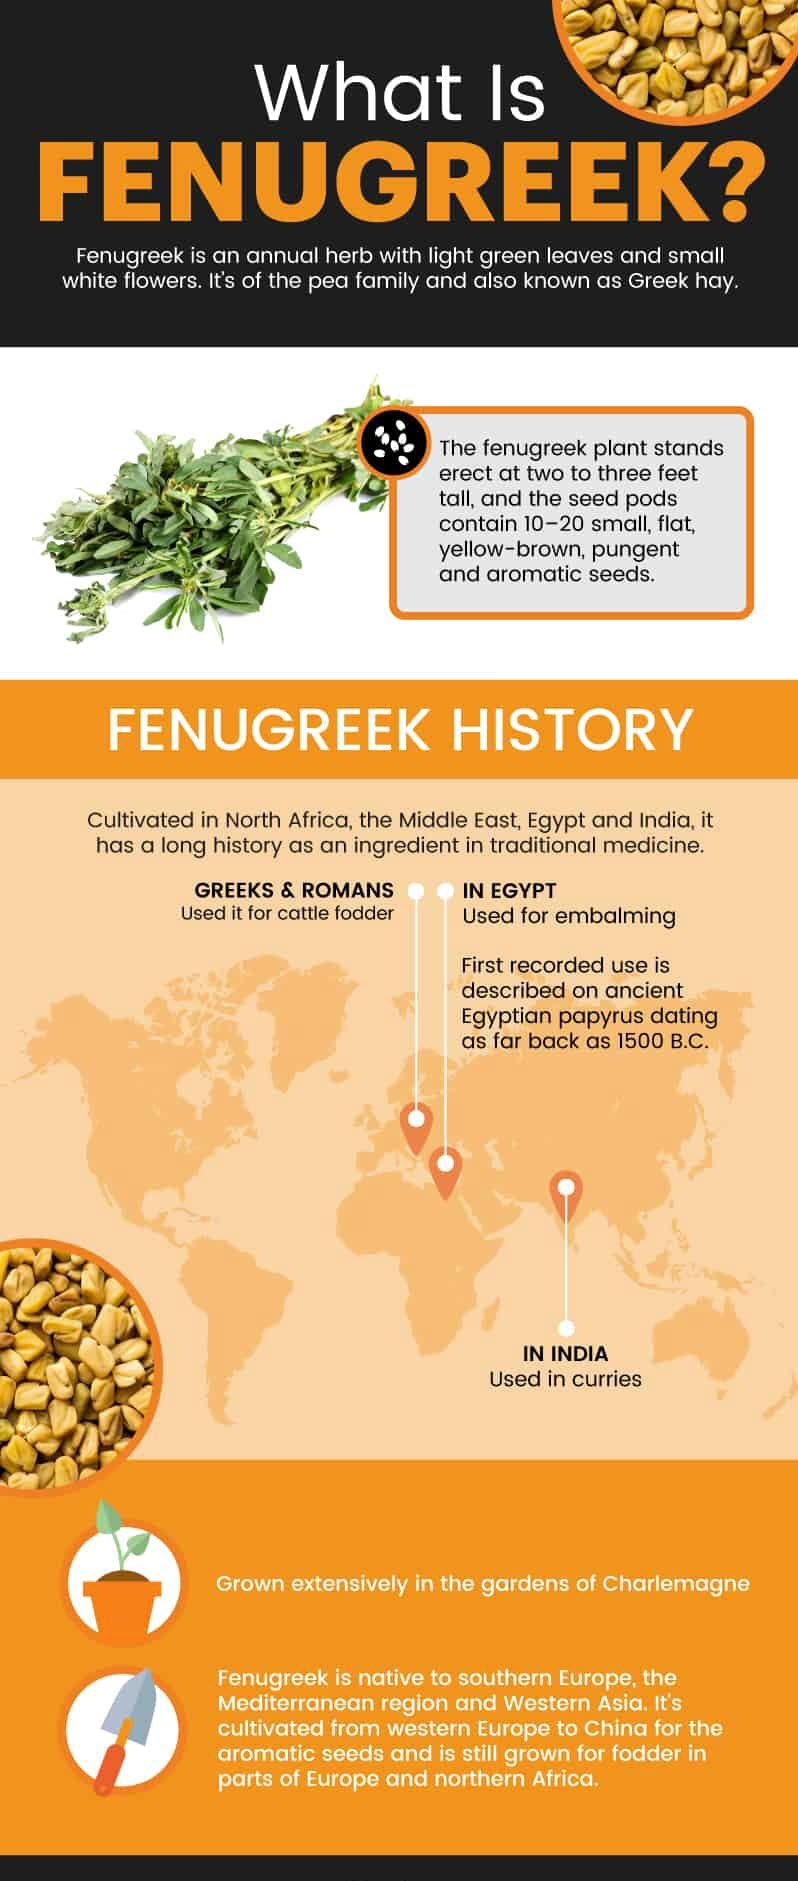 What is fenugreek?